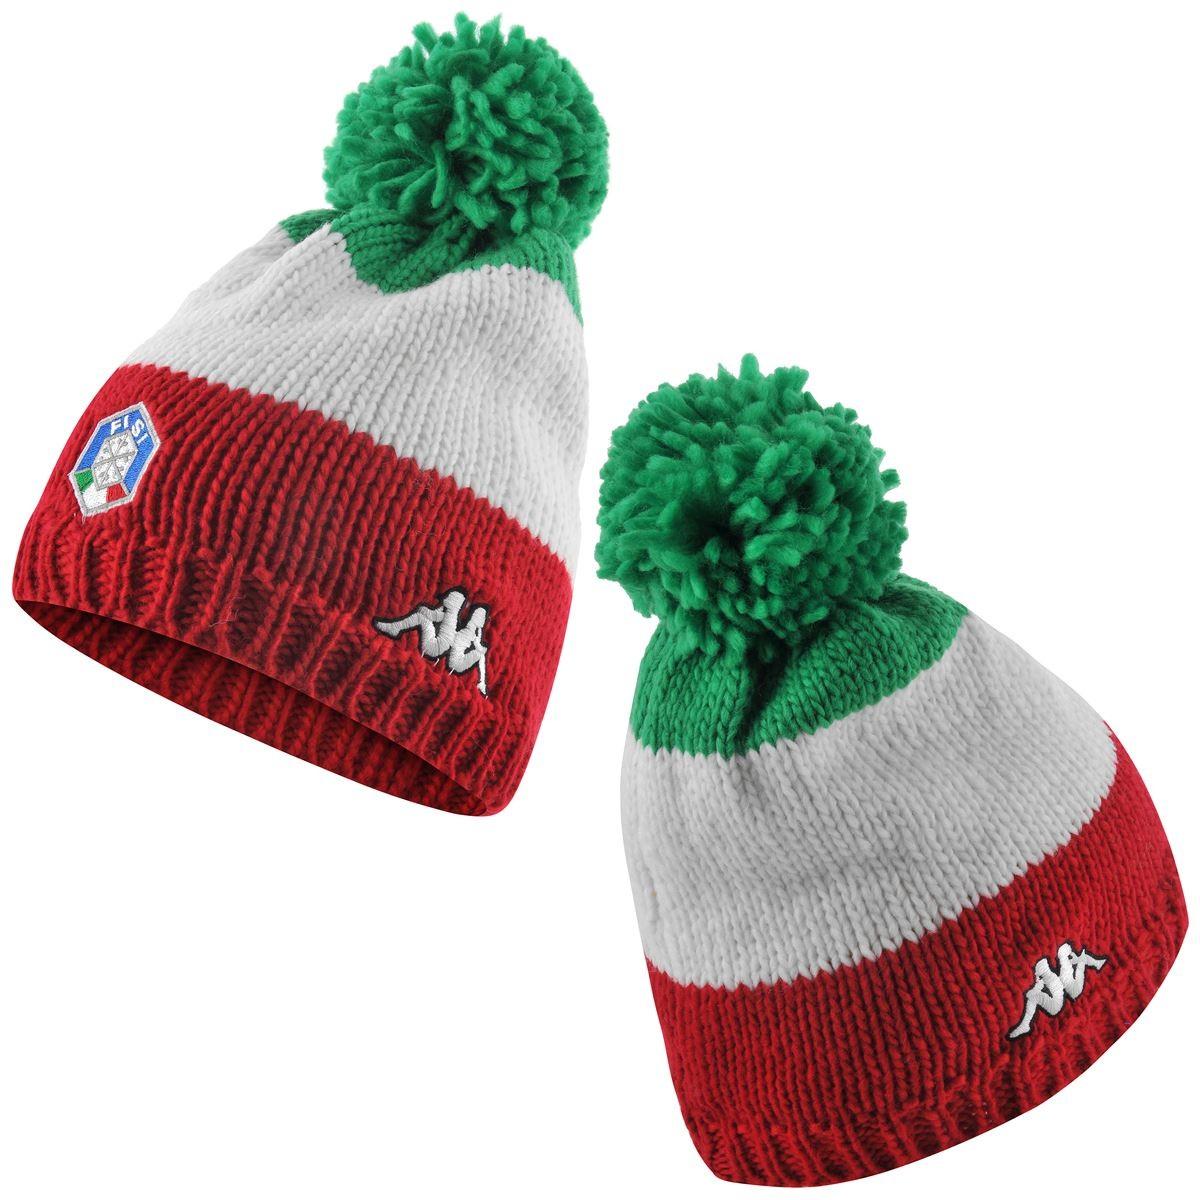 Acquista Kappa 6Cento Flock FiSi - cappello sci tricolore  959e4f9ee272